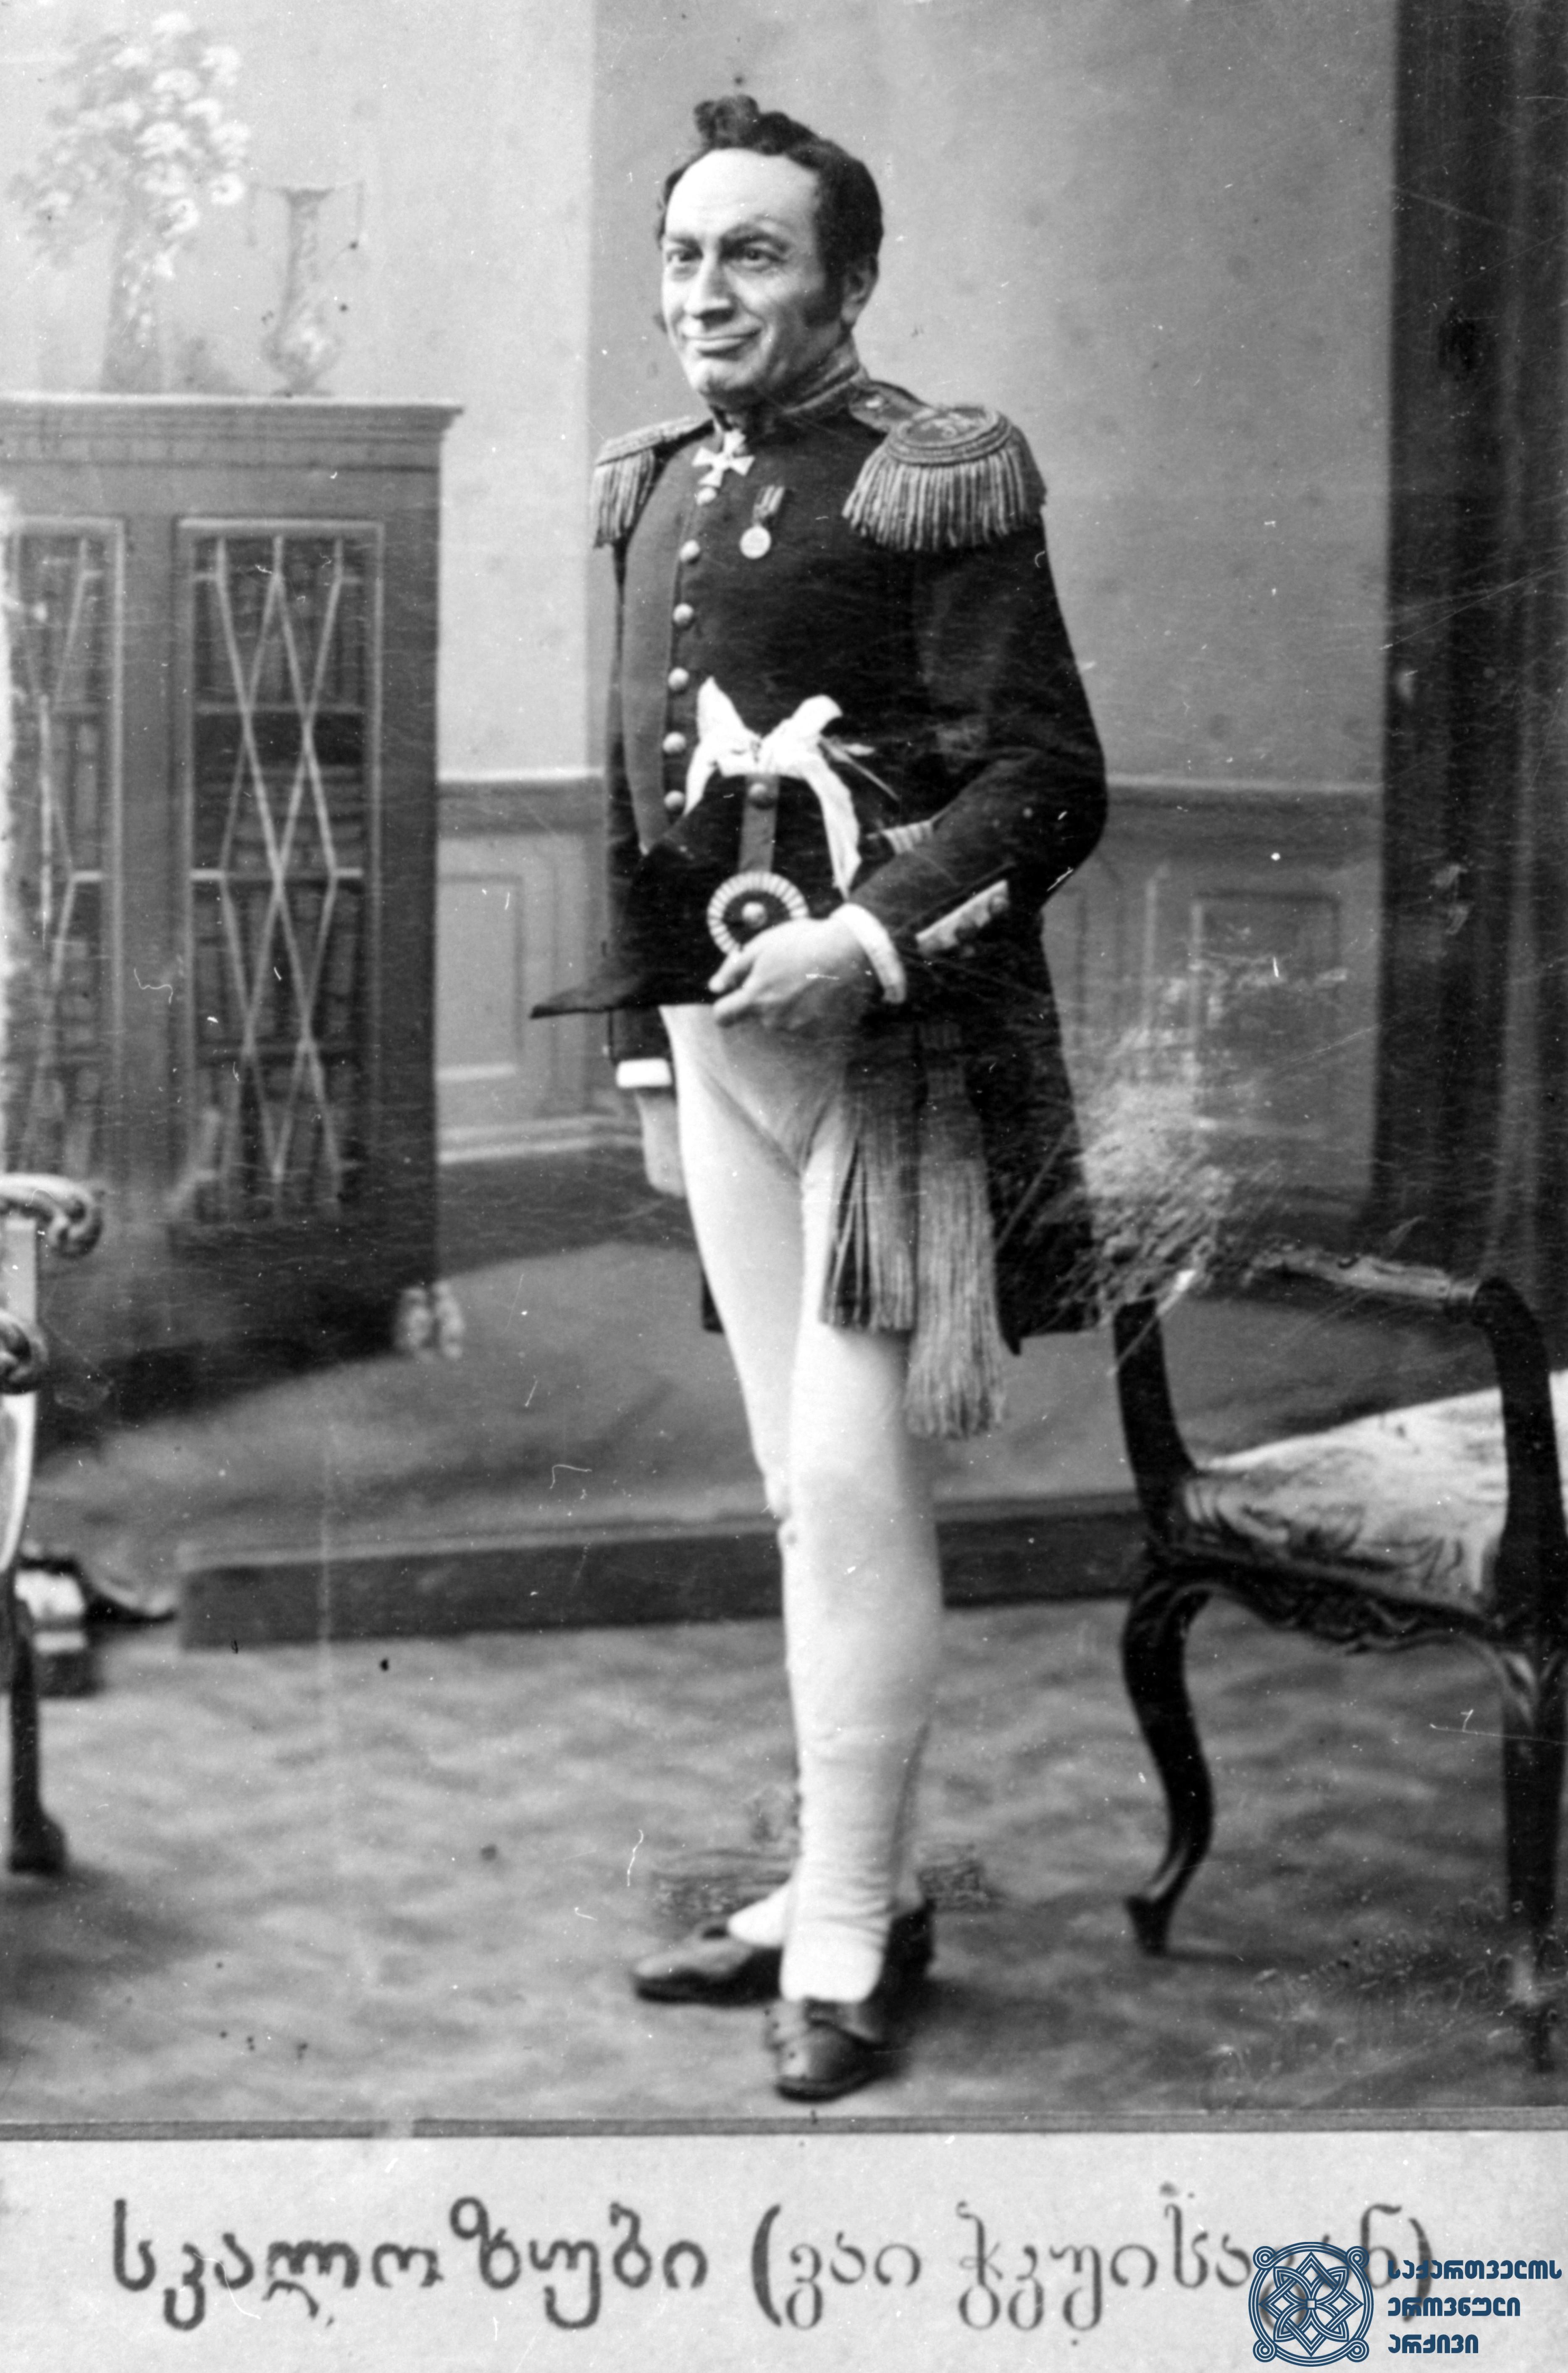 """სპექტაკლი """"ვაი ჭკუისაგან"""". სკალოზუბი – ვალერიან გუნია.<br> 1880-იანი წლები.  <br> The performance """"Woe from Wit"""". Valerian Gunia as Skalozubi.<br> 1880s."""